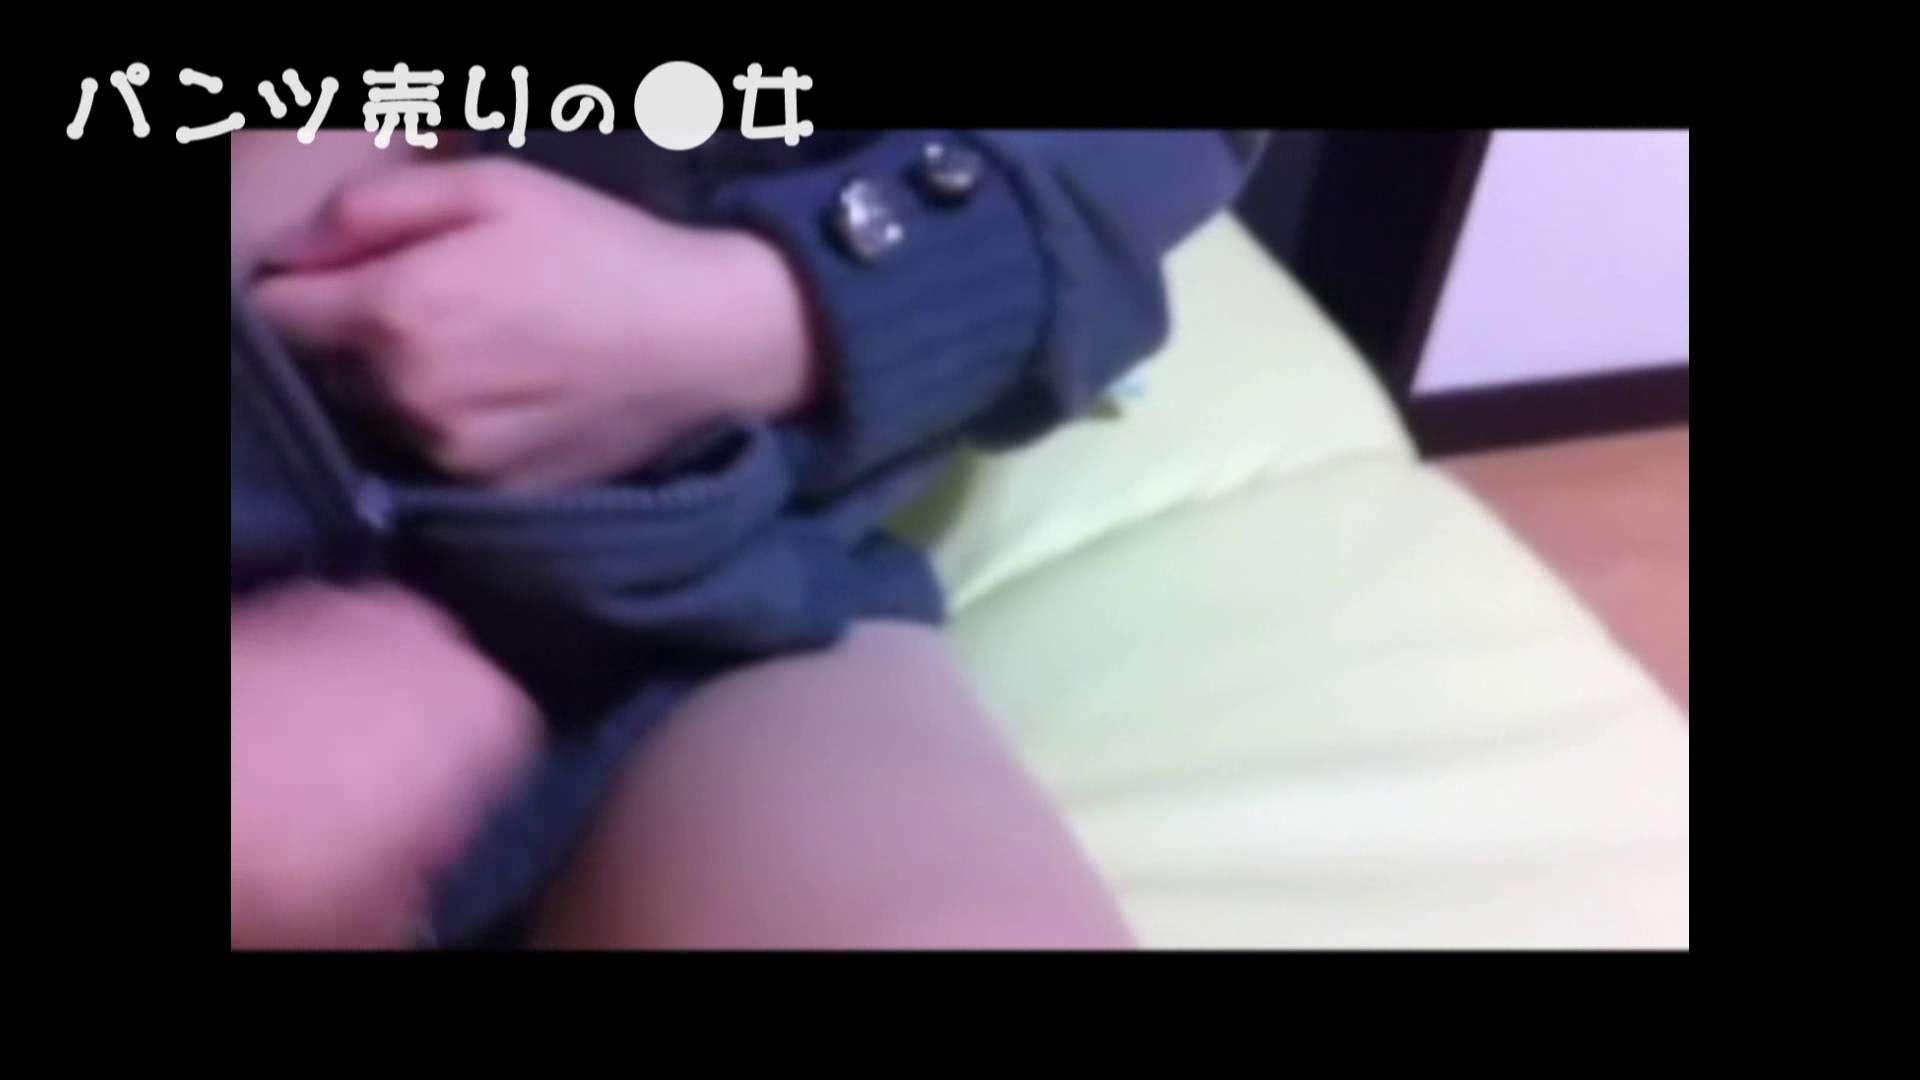 新説 パンツ売りの女の子nana05 投稿   プライベート投稿  61PIX 4